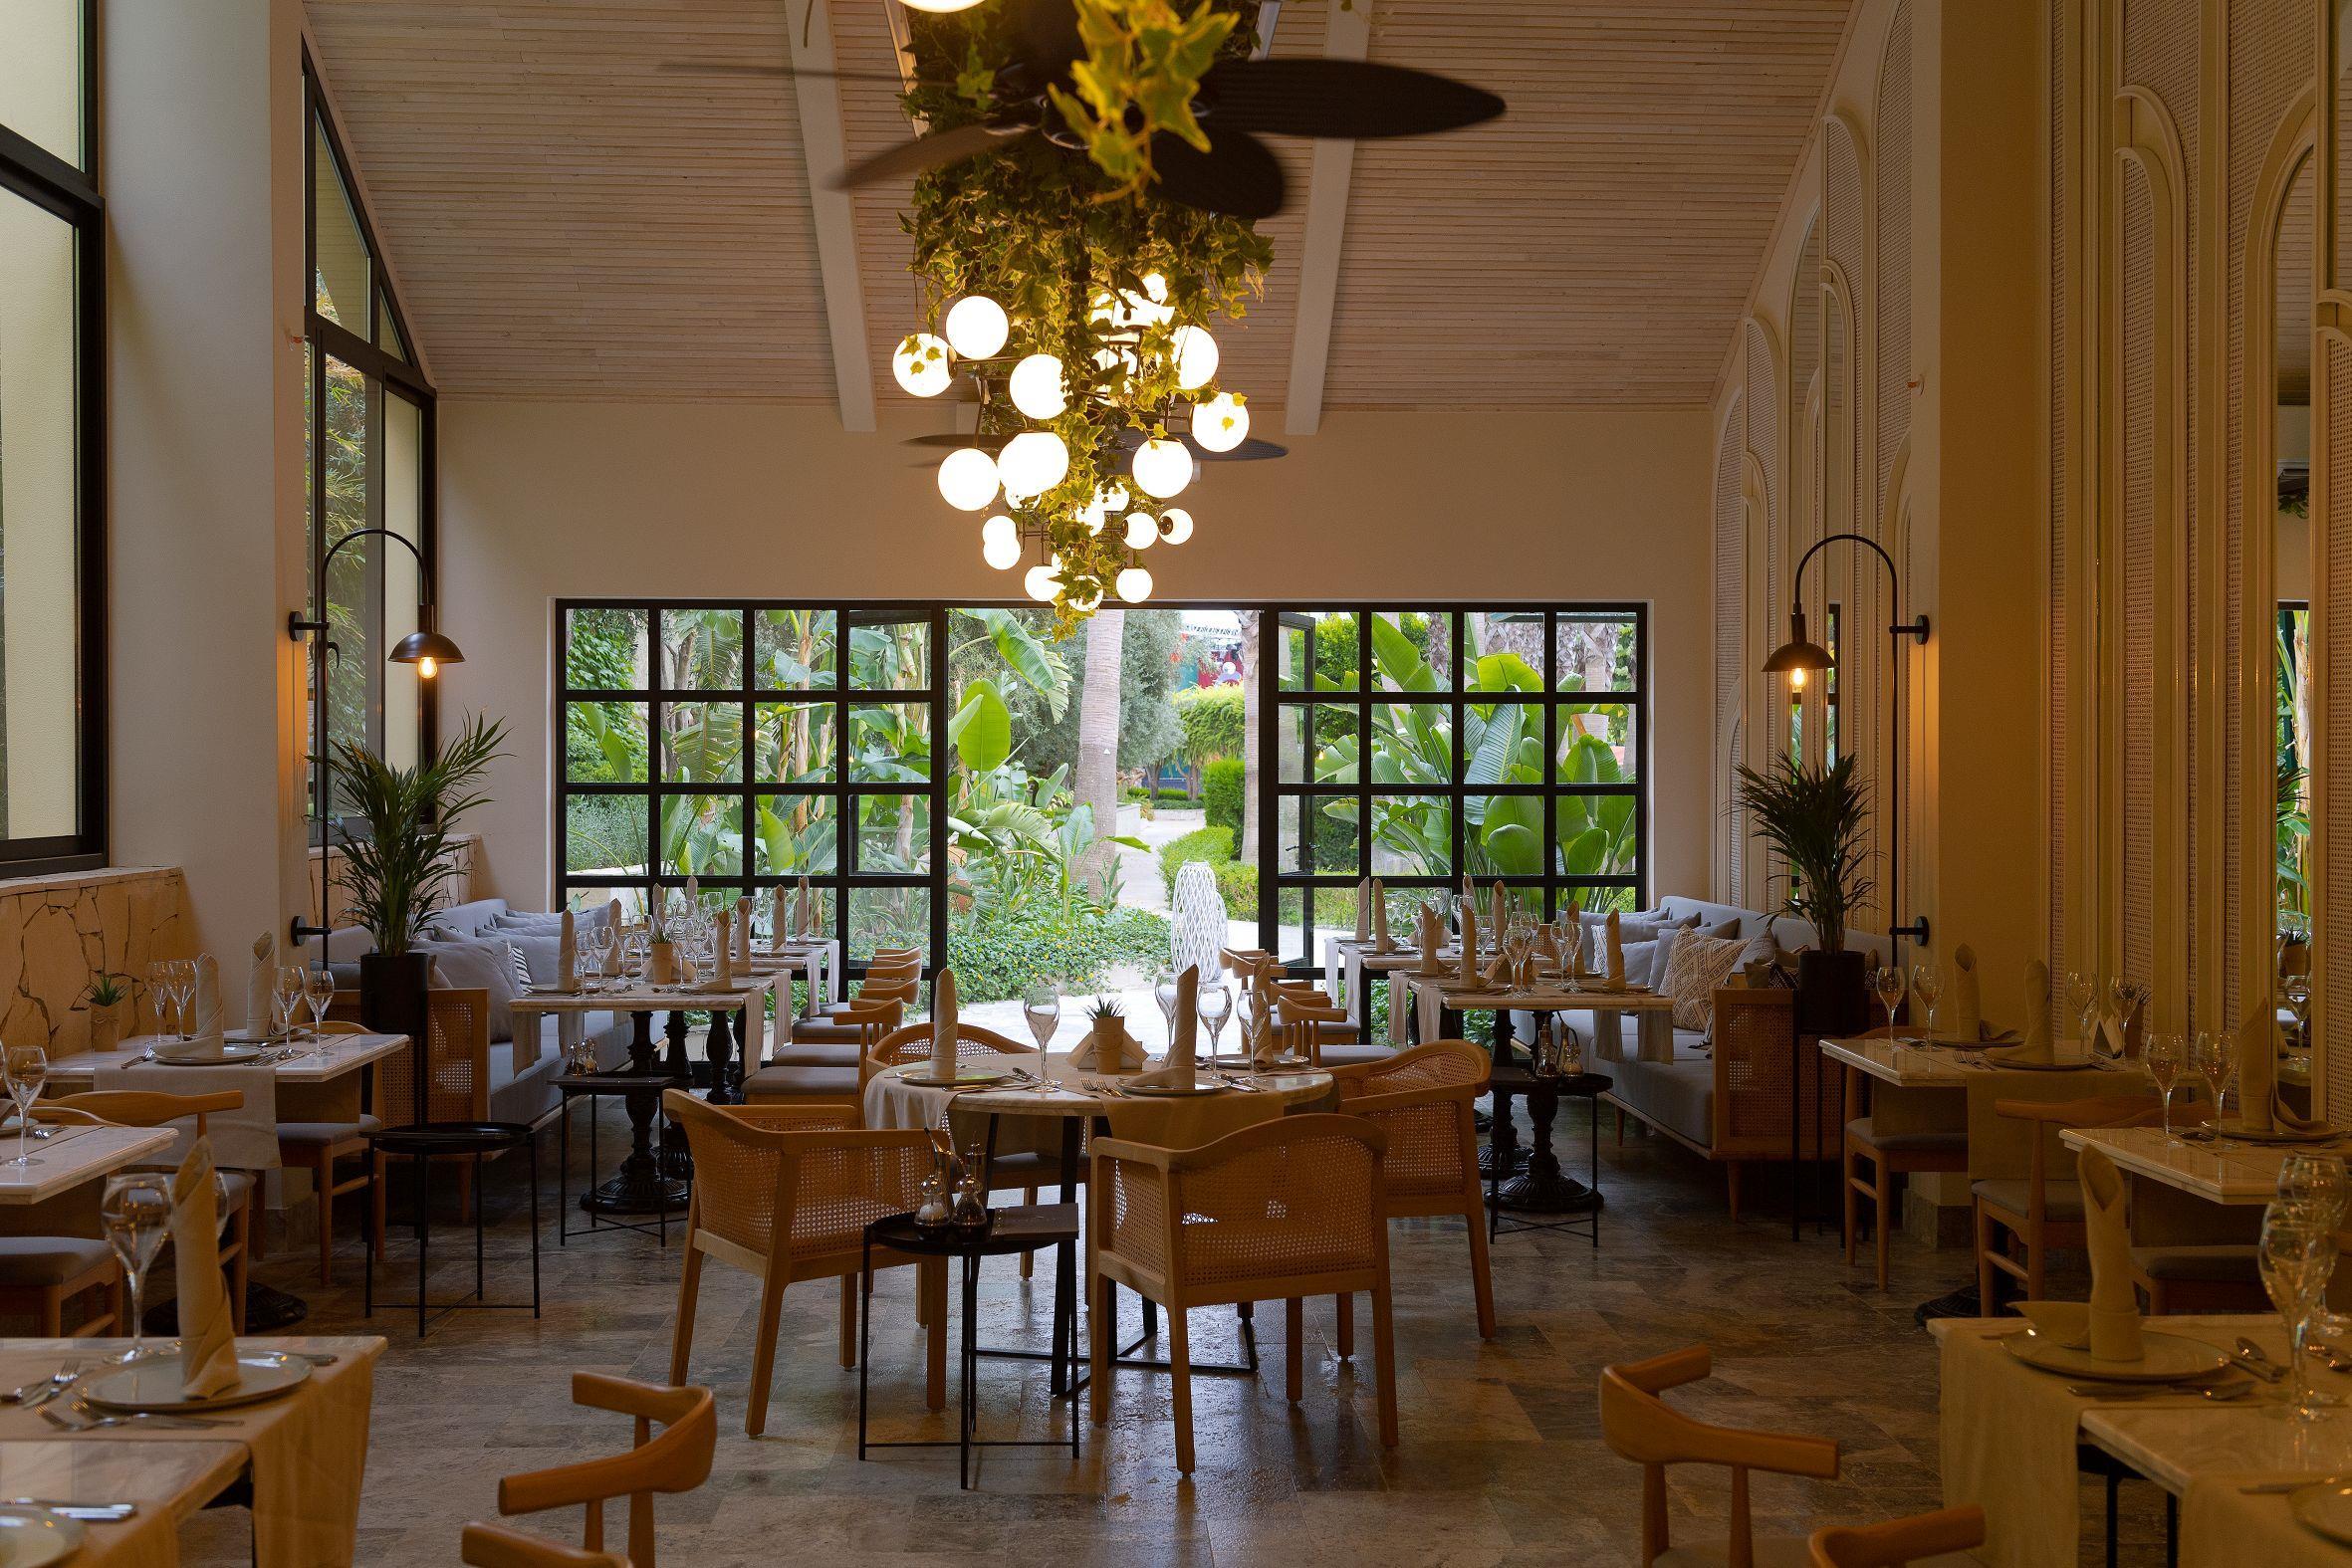 http://www.orextravel.sk/OREX/hotelphotos/miramare-queen-hotel-general-0071.jpg